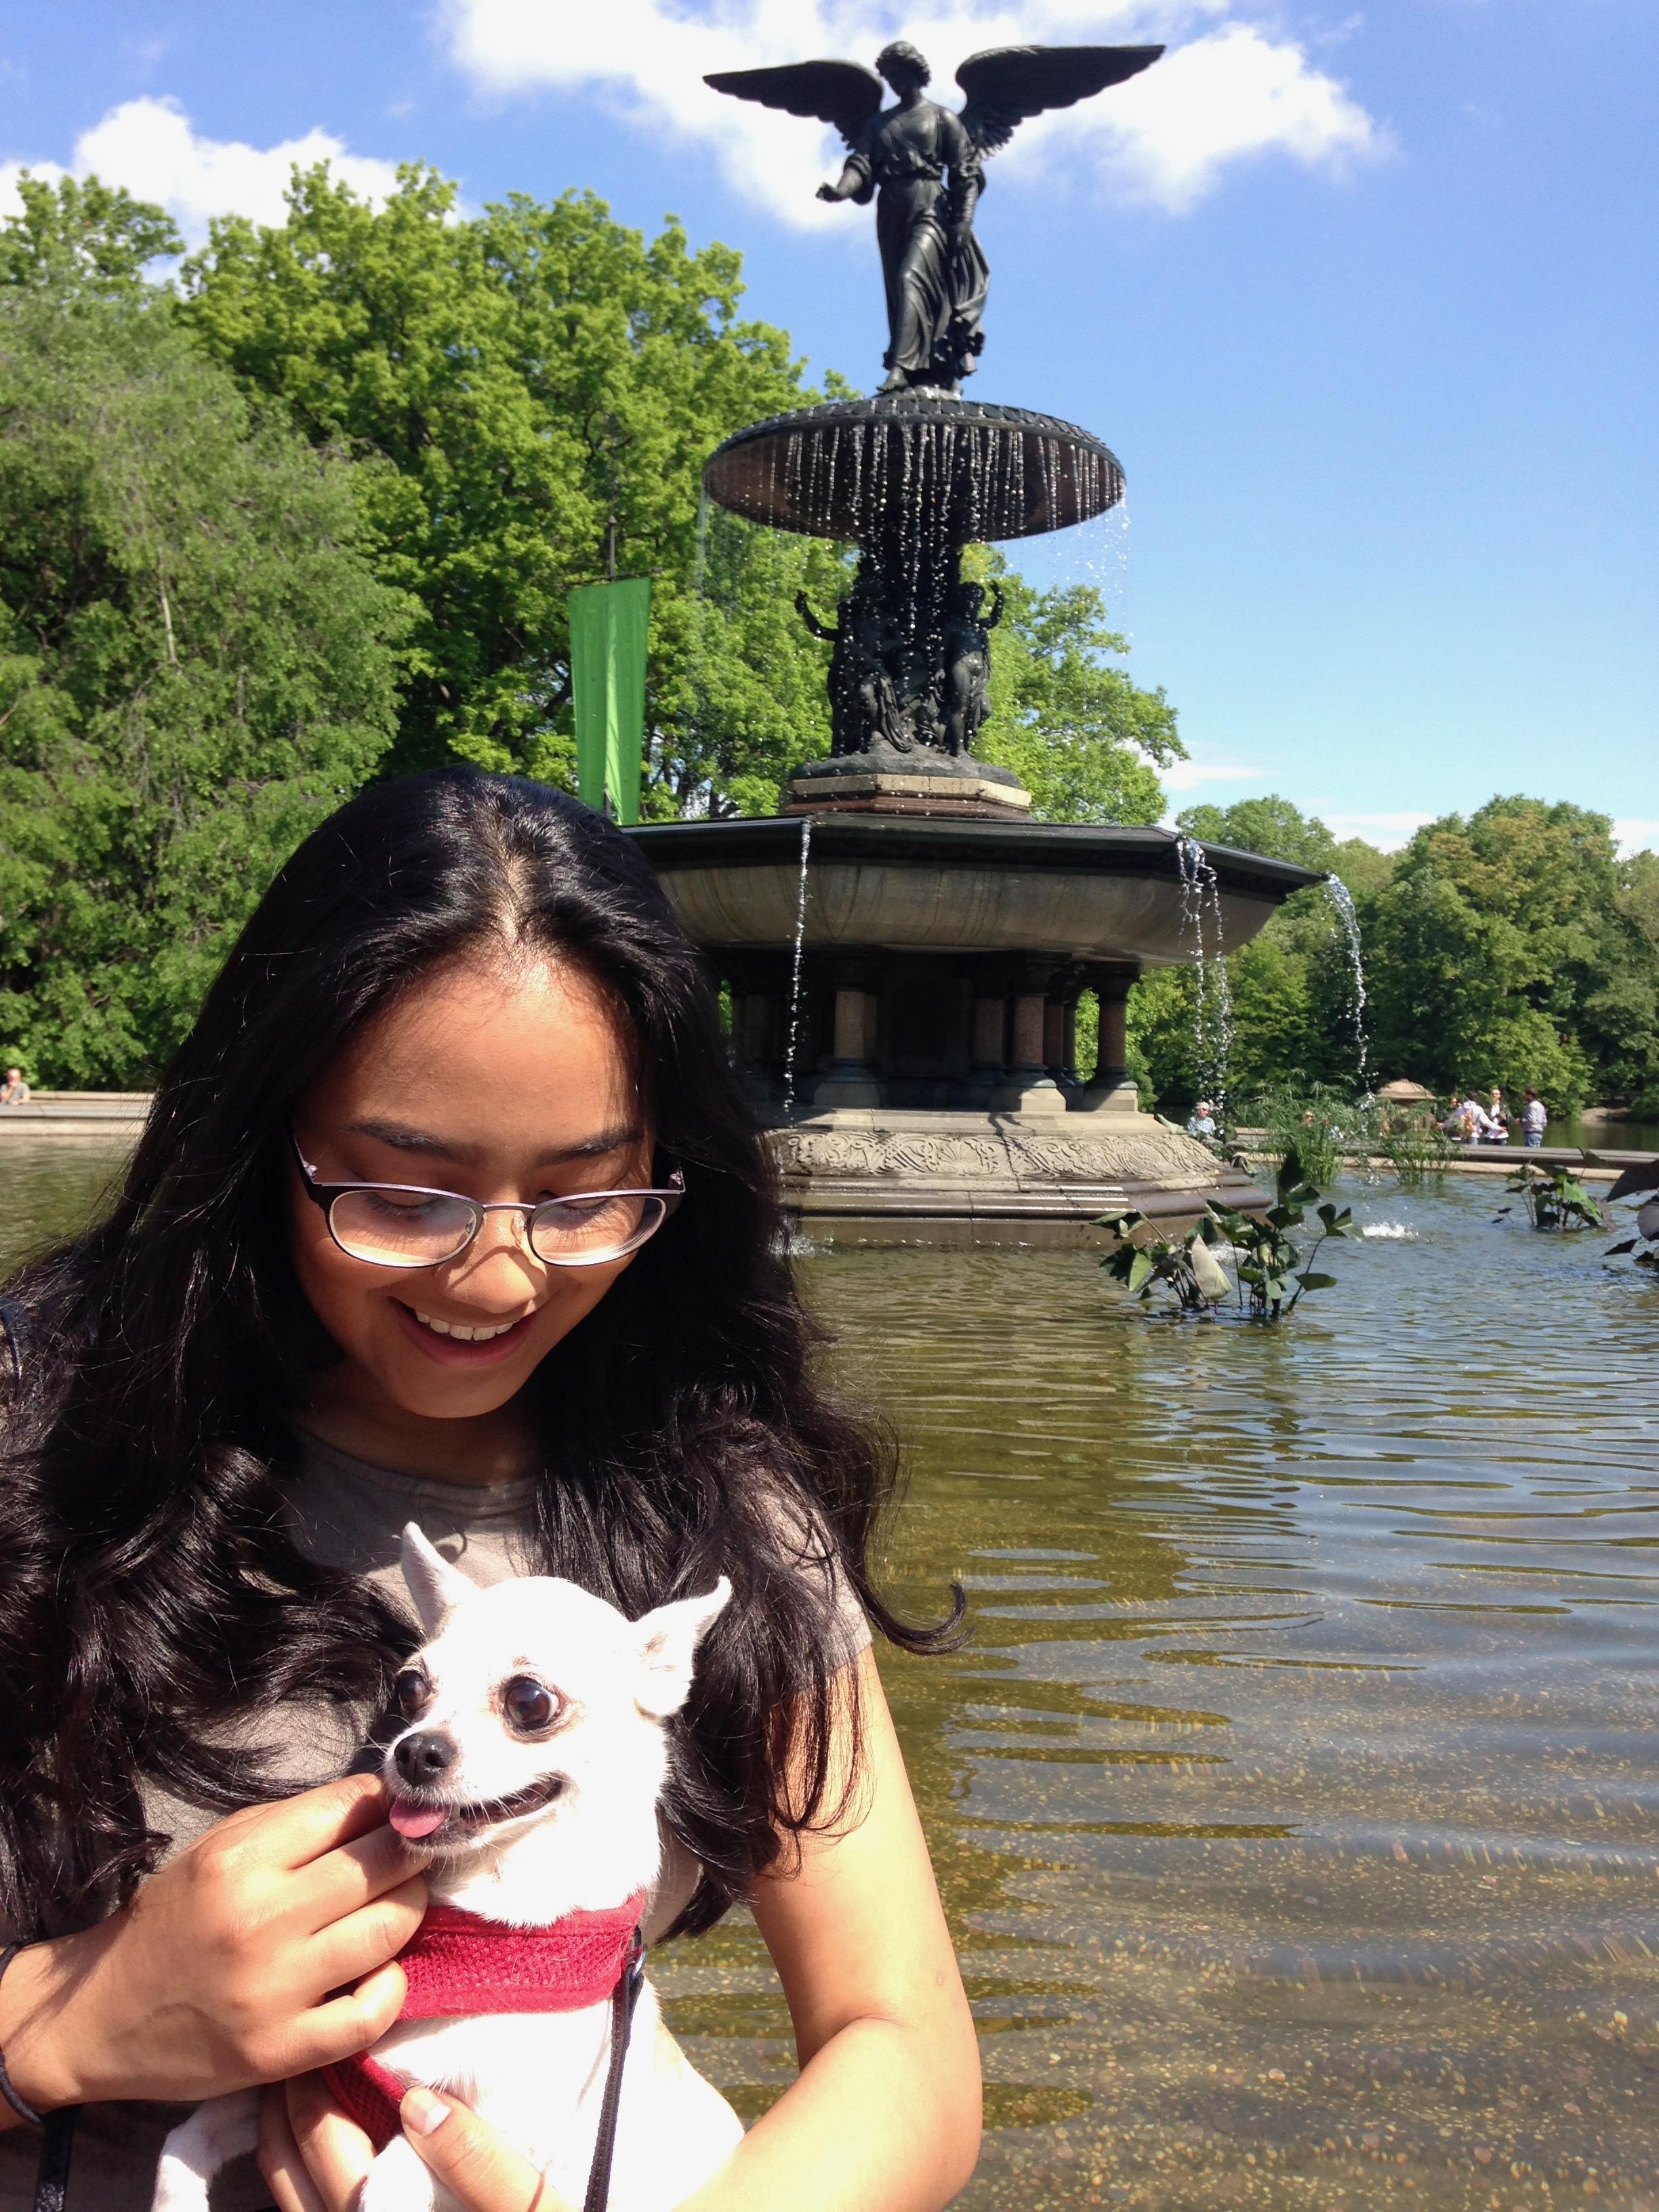 Tianna & Baby Dog, Central Park